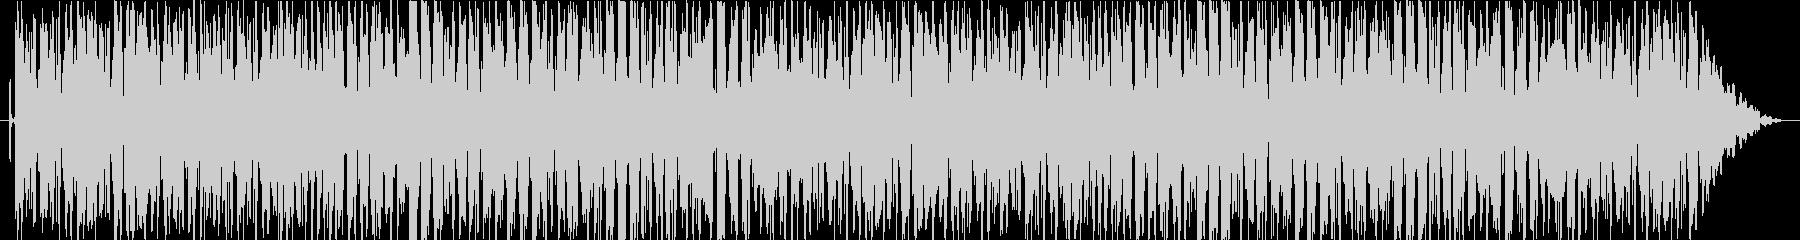 お正月イメージのシンプルな尺八ループ曲の未再生の波形